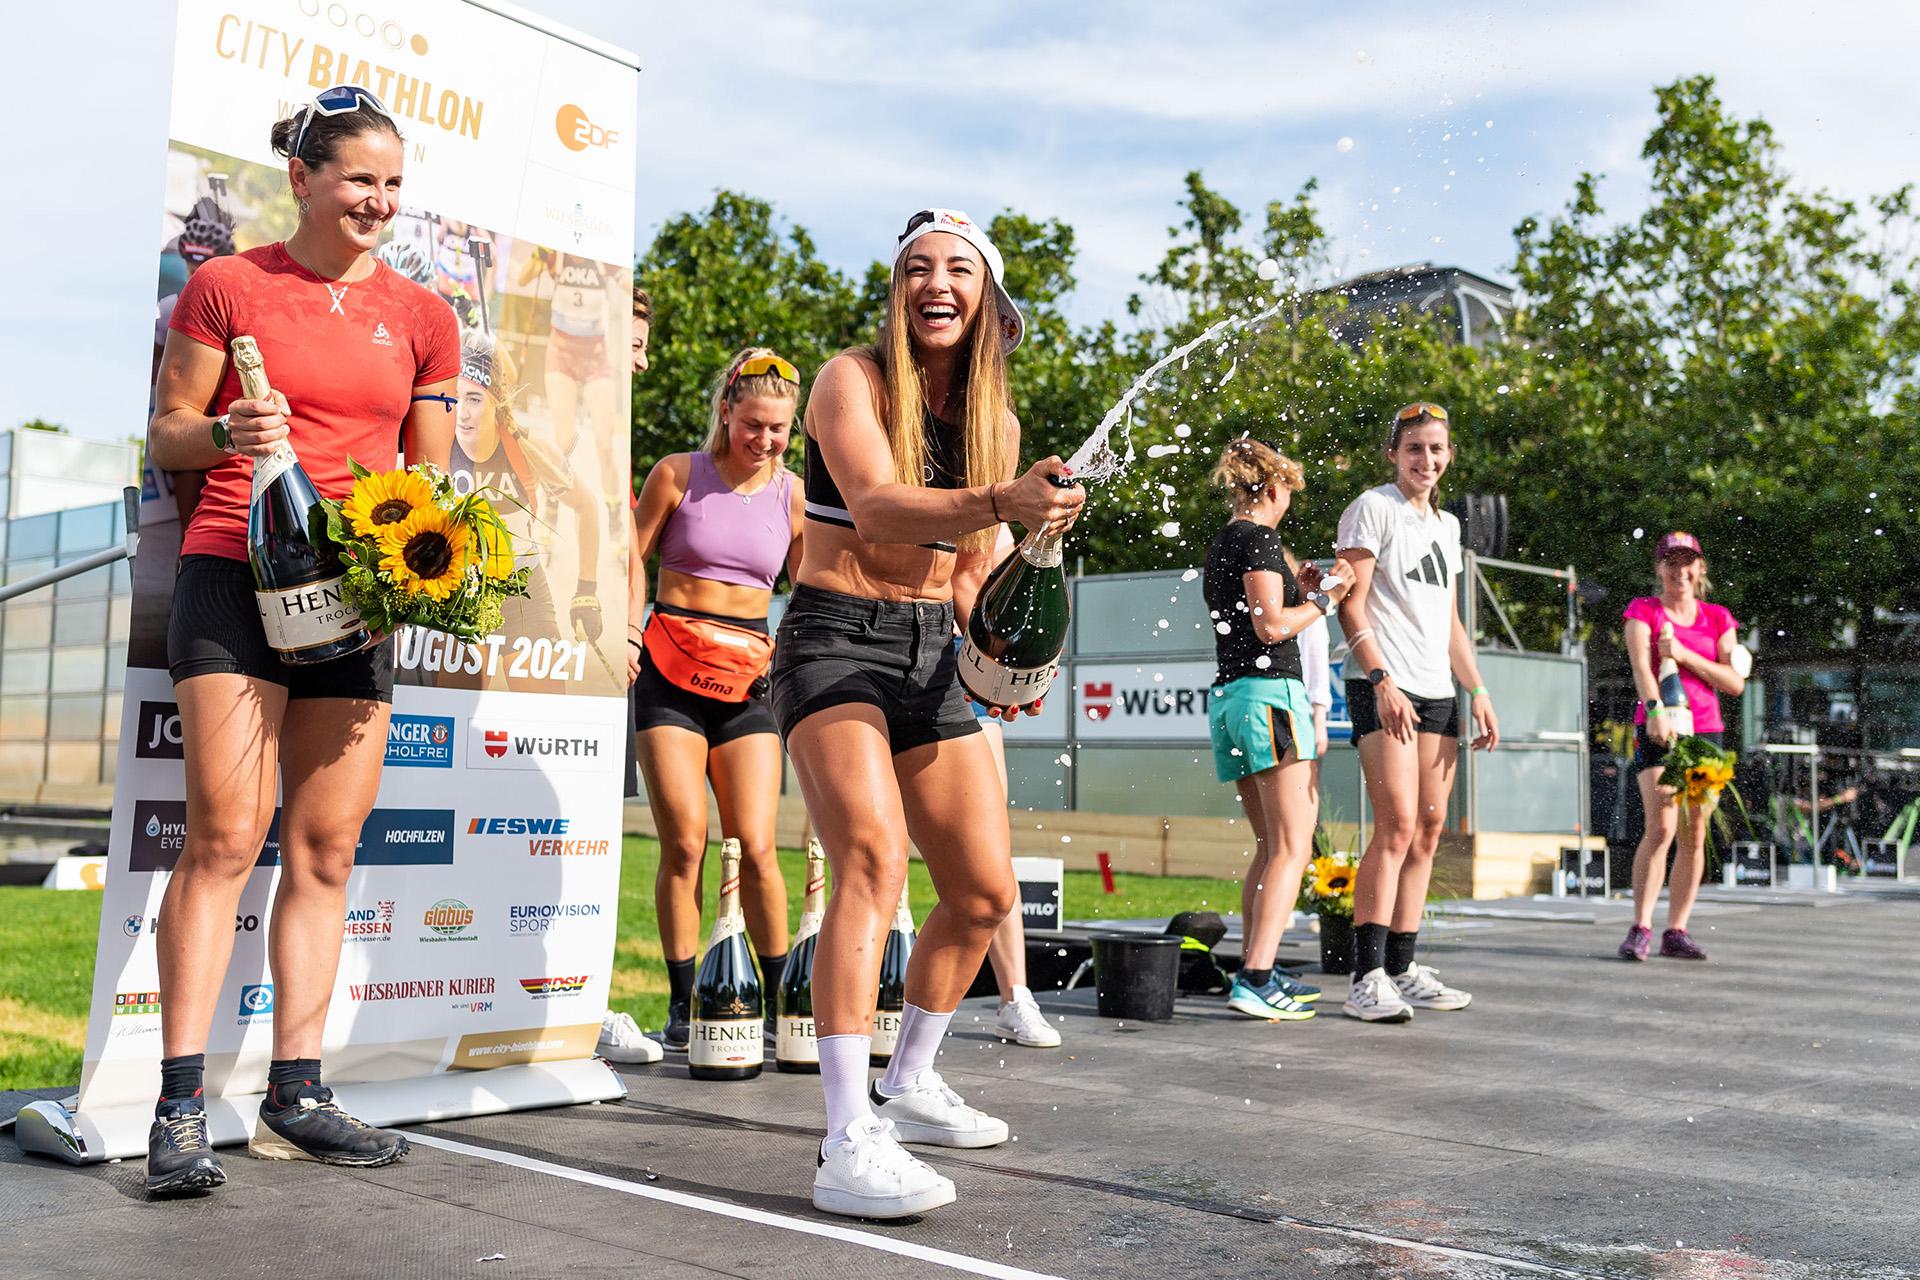 City Biathlon Wiesbaden 2021